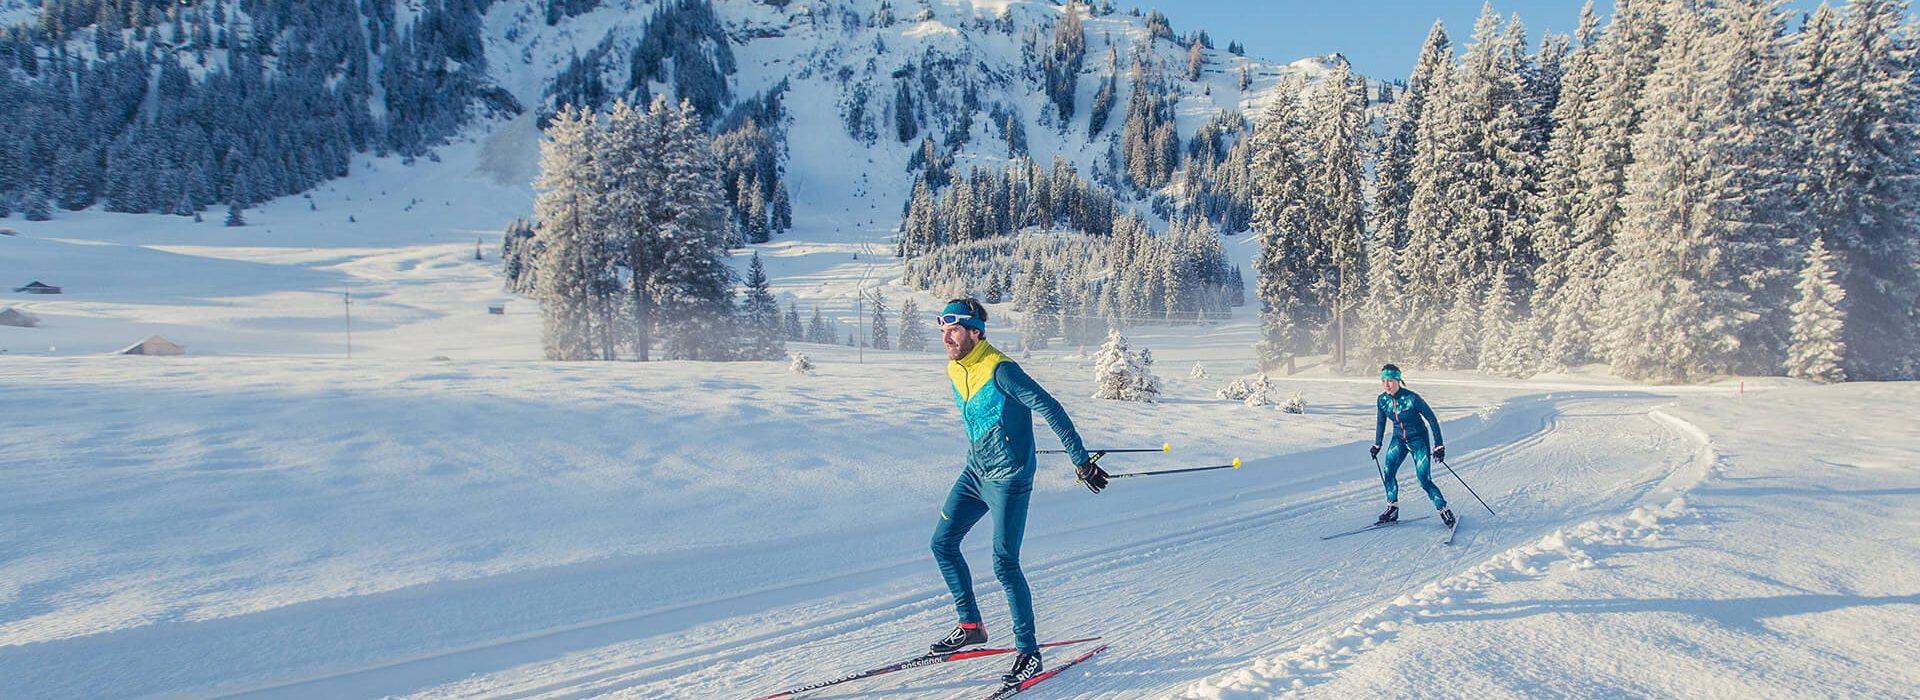 Tiroler Zugspitzarena_Langlauf